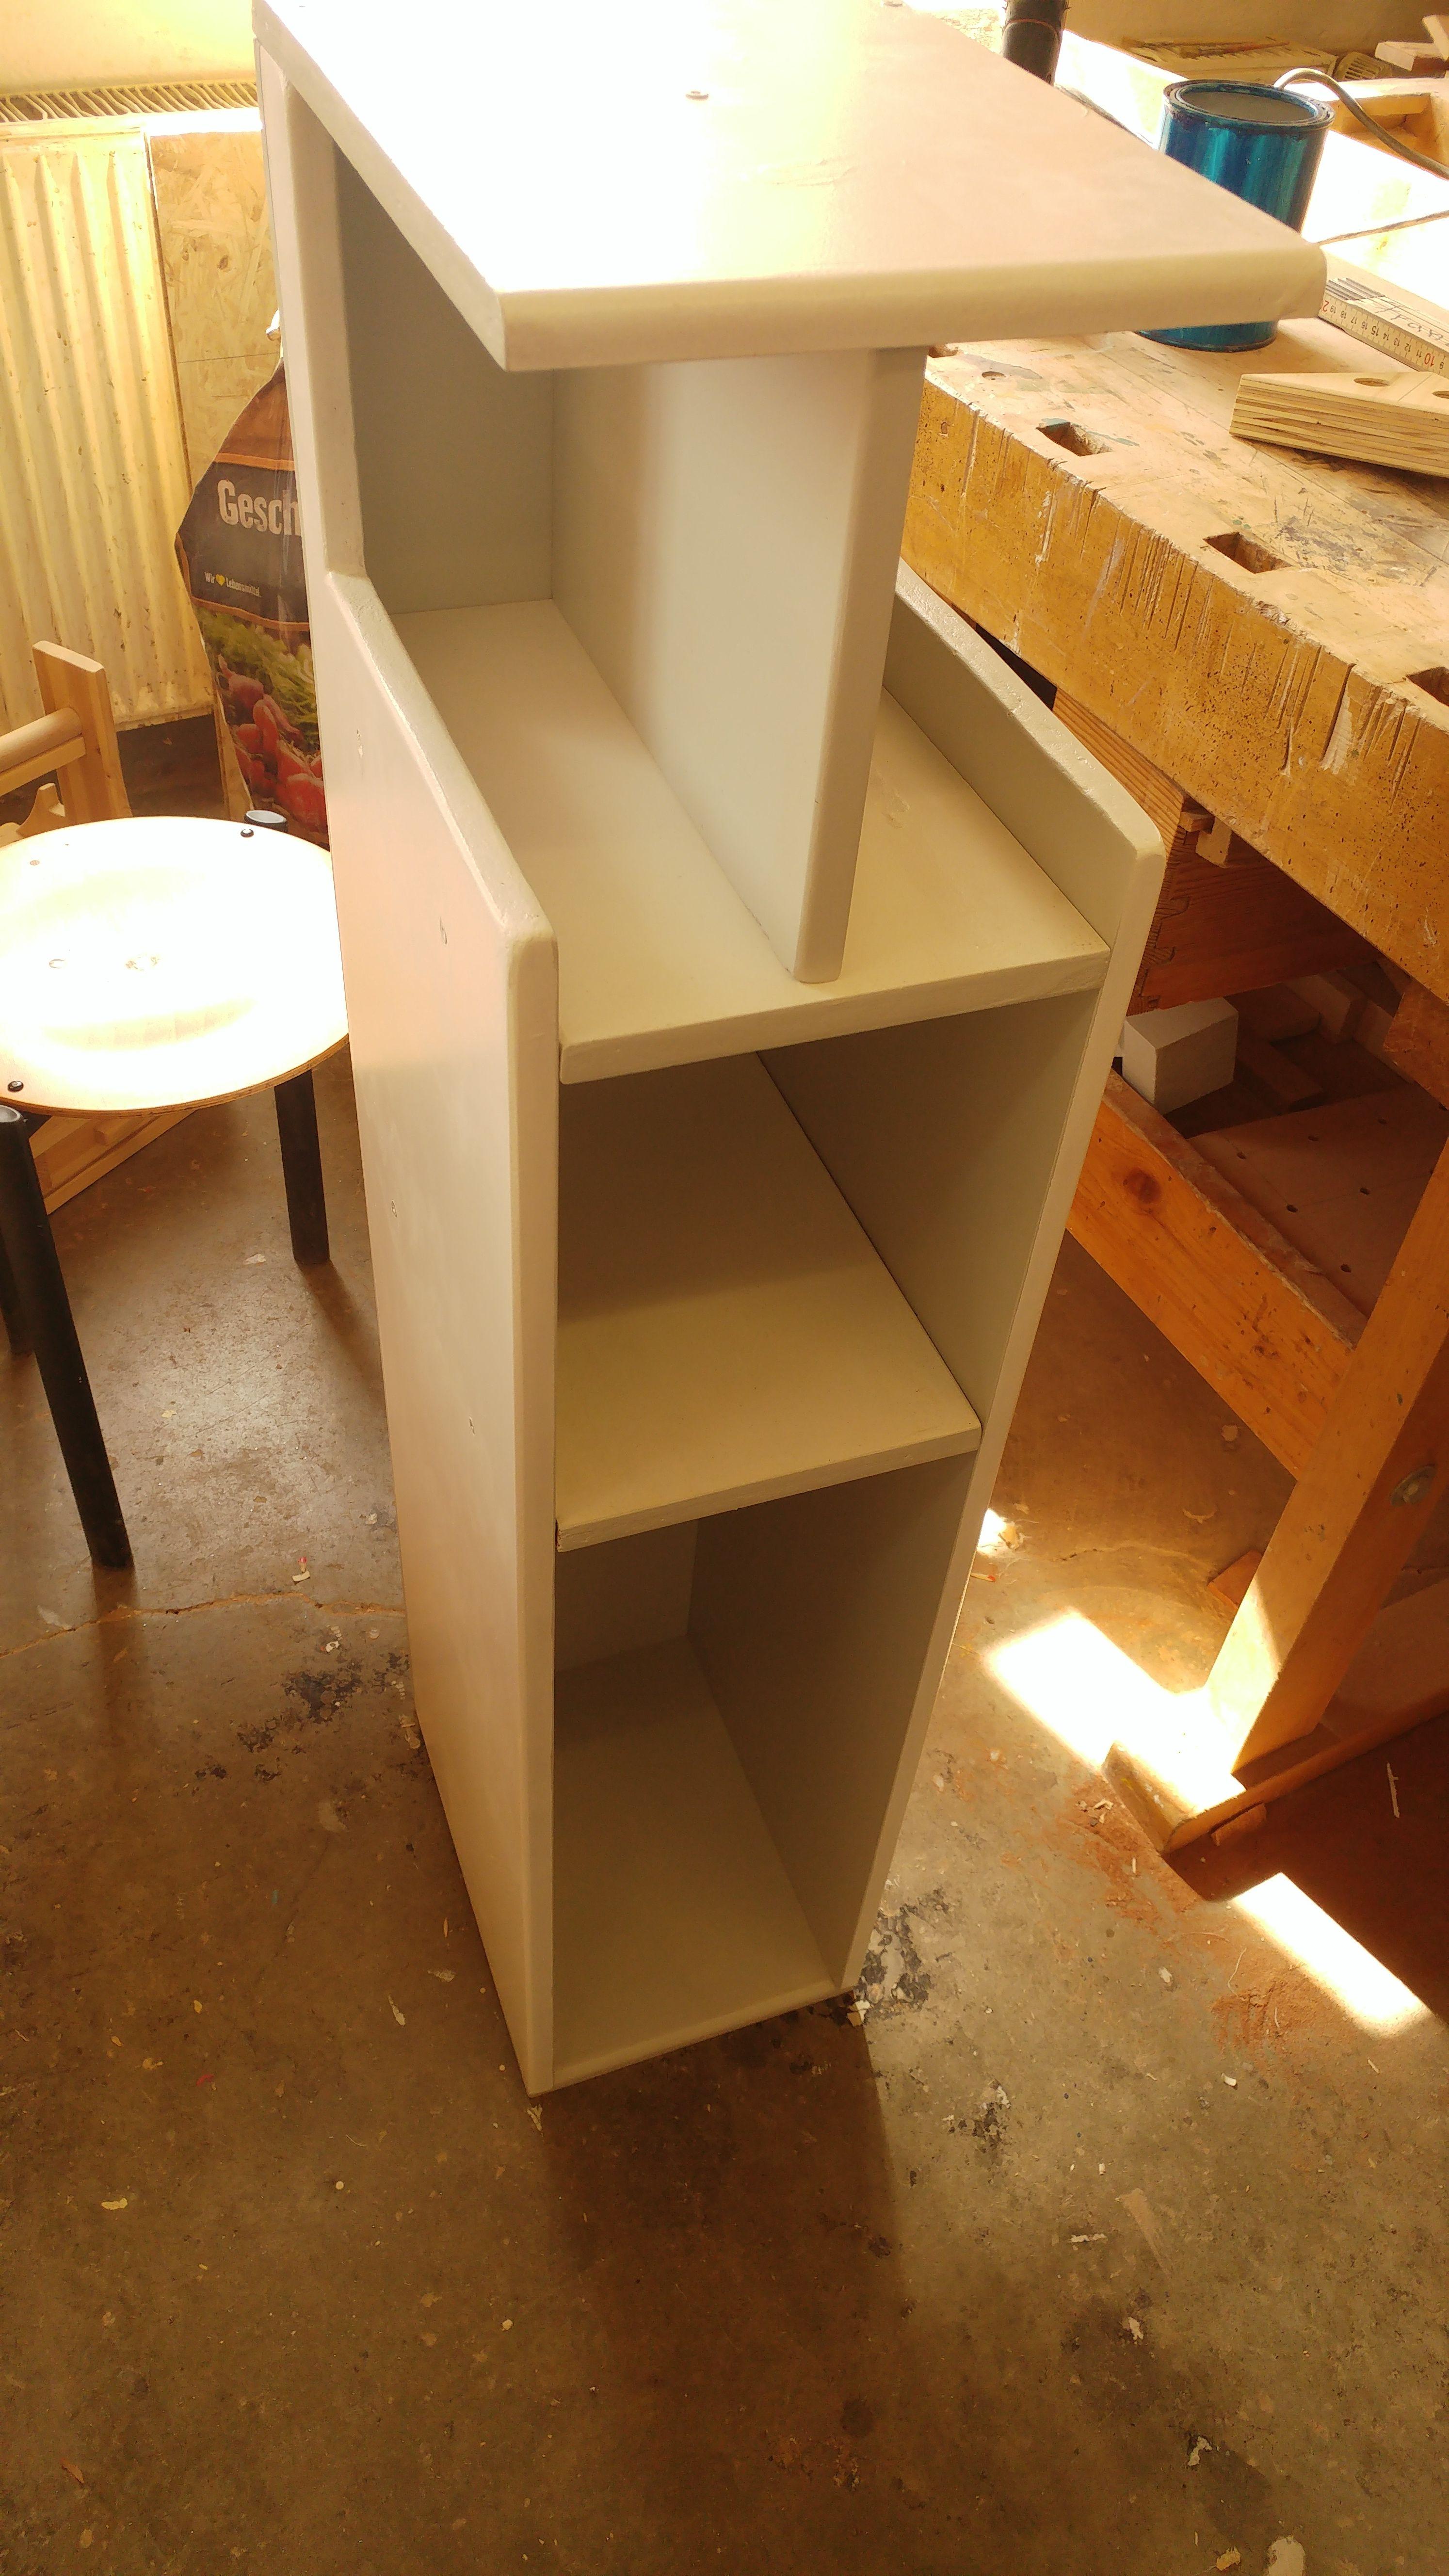 bad schr nkchen bauanleitung zum selber bauen heimwerker forum holzm bel pinterest. Black Bedroom Furniture Sets. Home Design Ideas